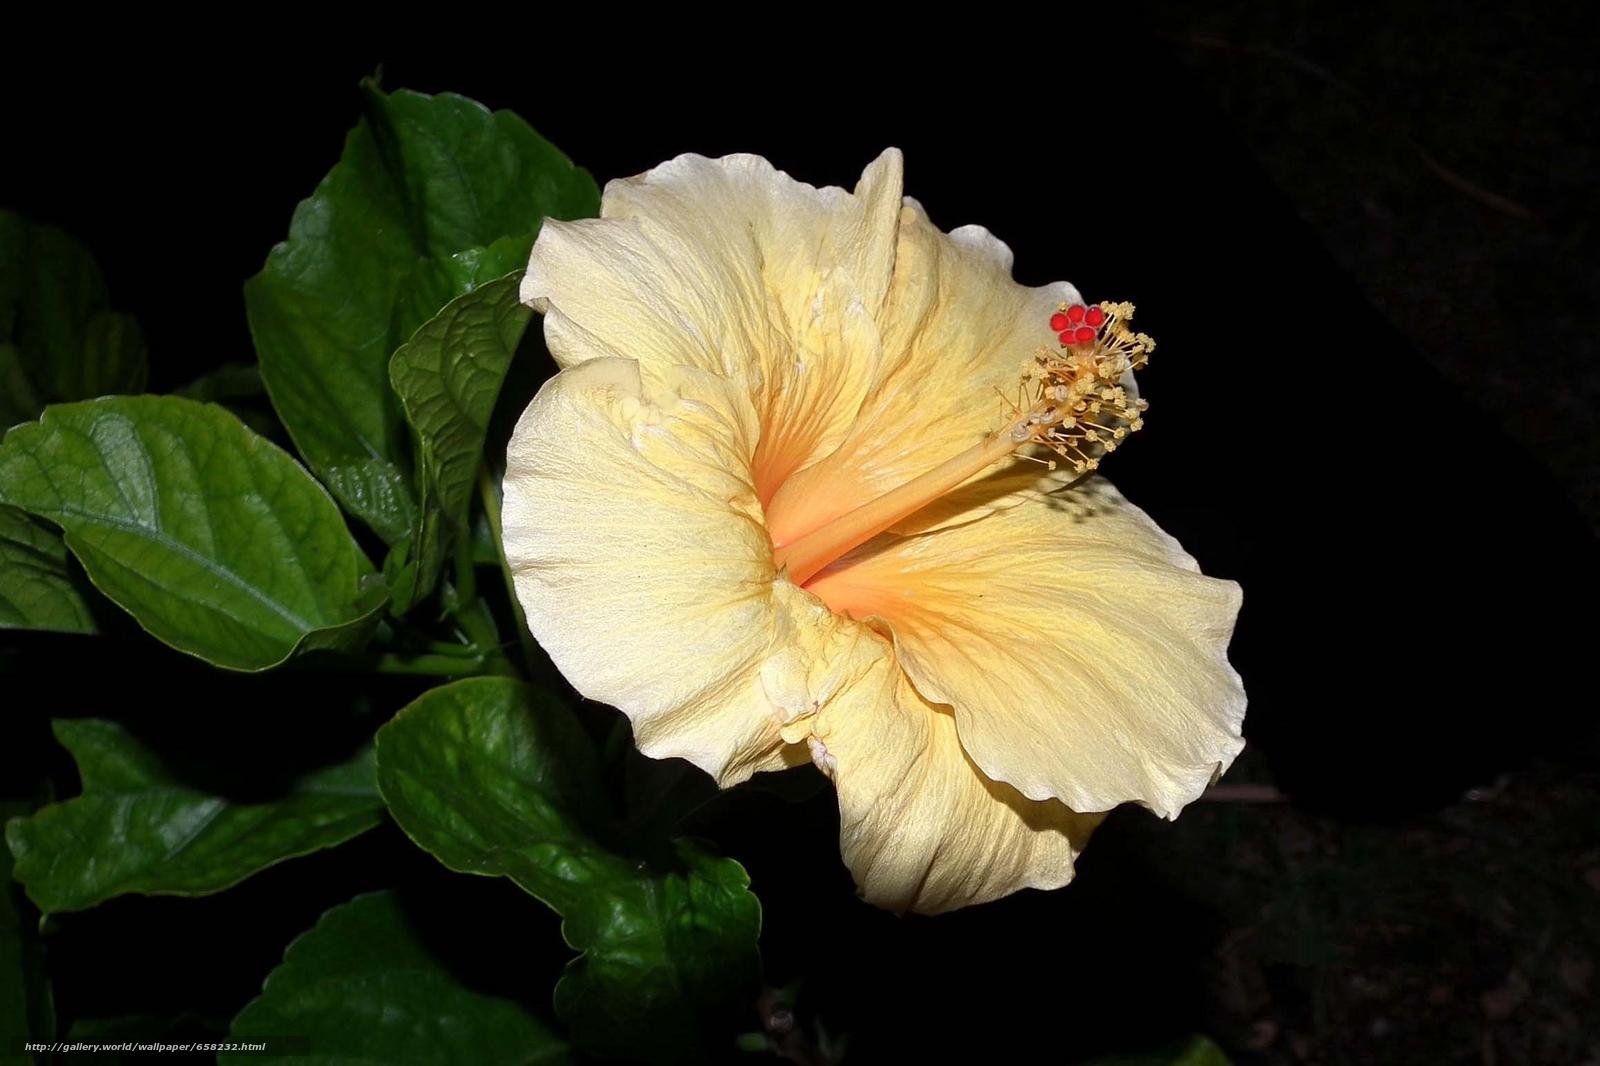 Скачать обои Гибискус,  Hibiscus,  цветы,  цветок бесплатно для рабочего стола в разрешении 2318x1545 — картинка №658232